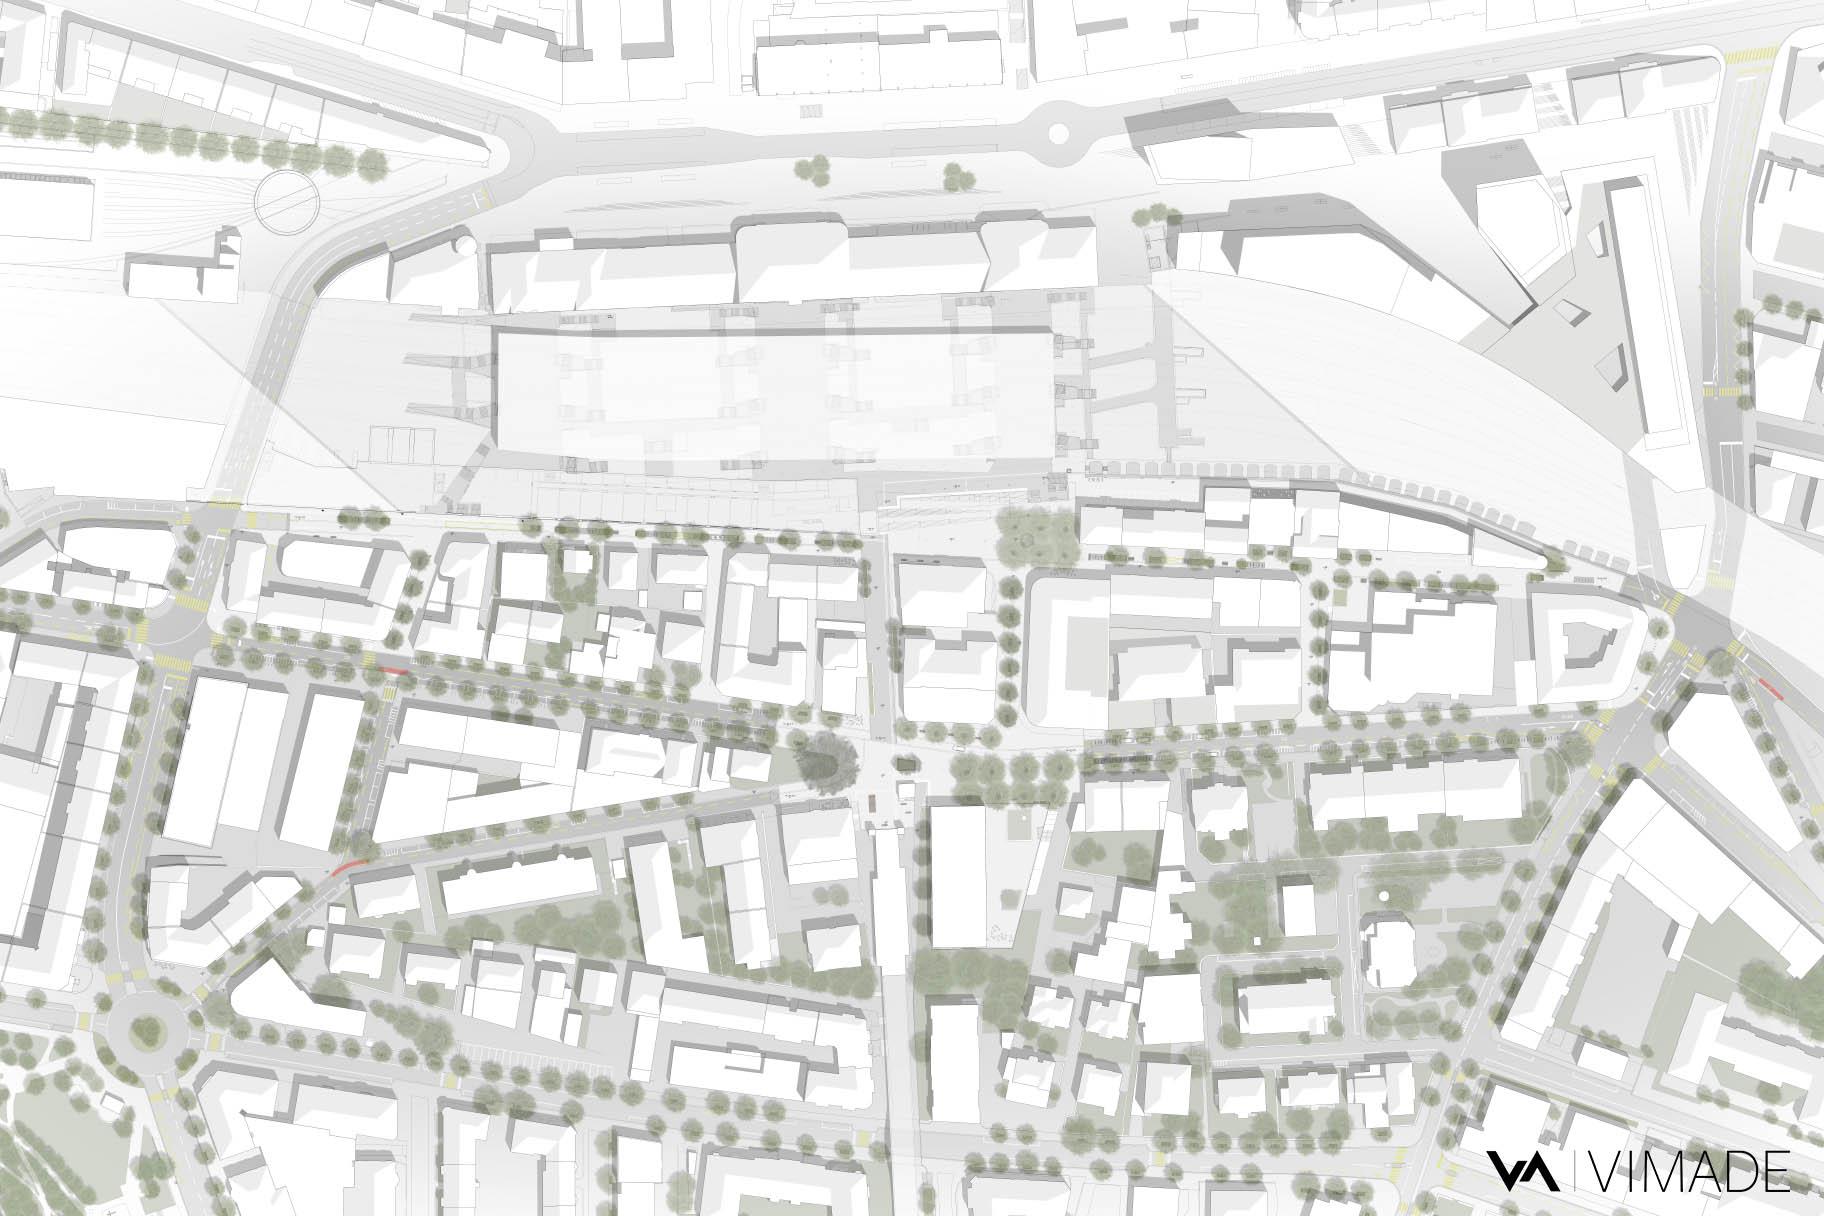 plan-masse-general-concours-sous-gare-lausanne-espace-public-vimade-architectes-paysagistes-concursus